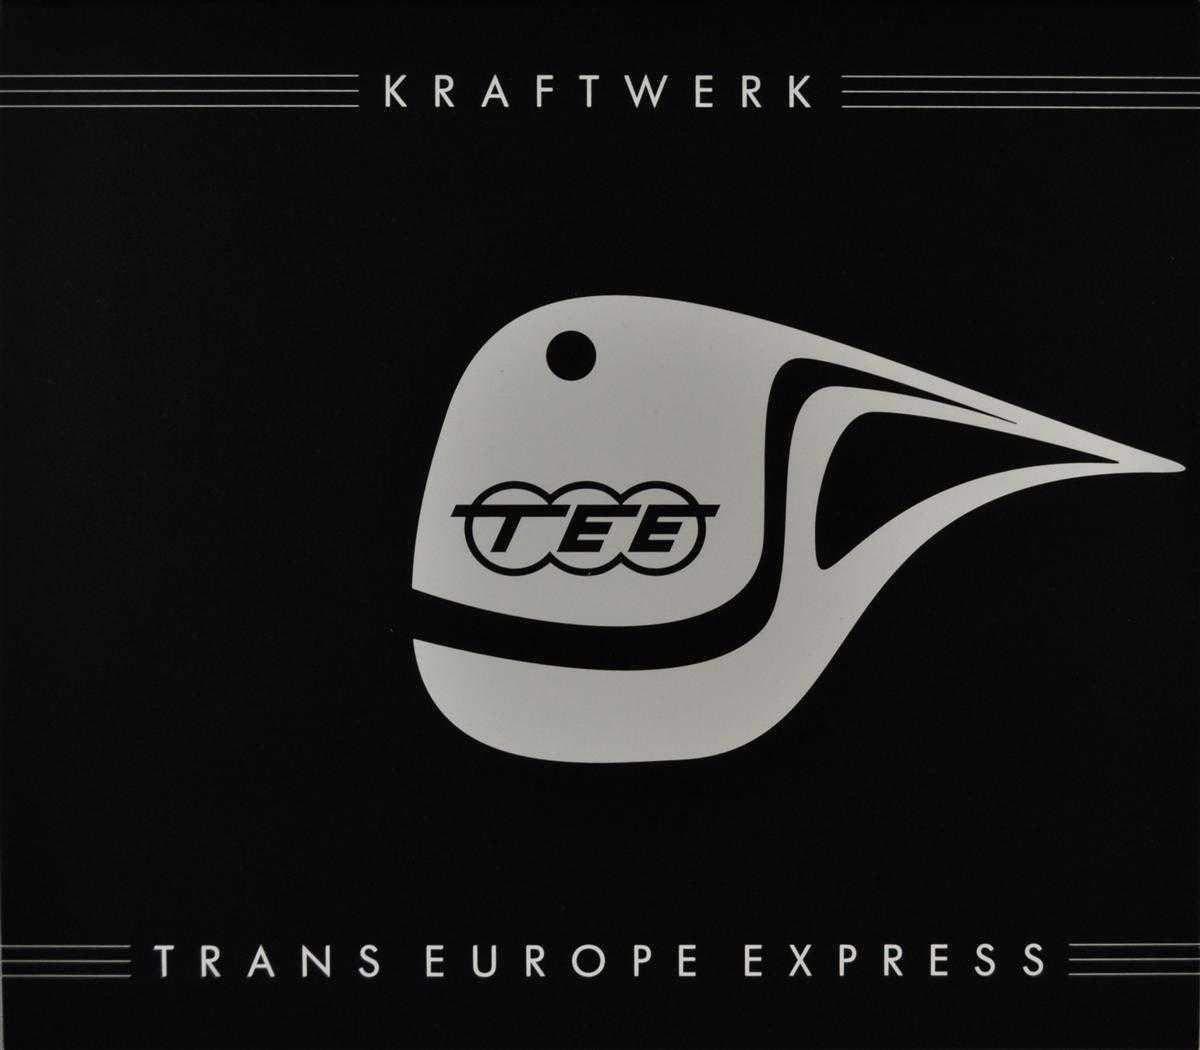 Kraftwerk - Trans Europe Express (2020) [FLAC] Download